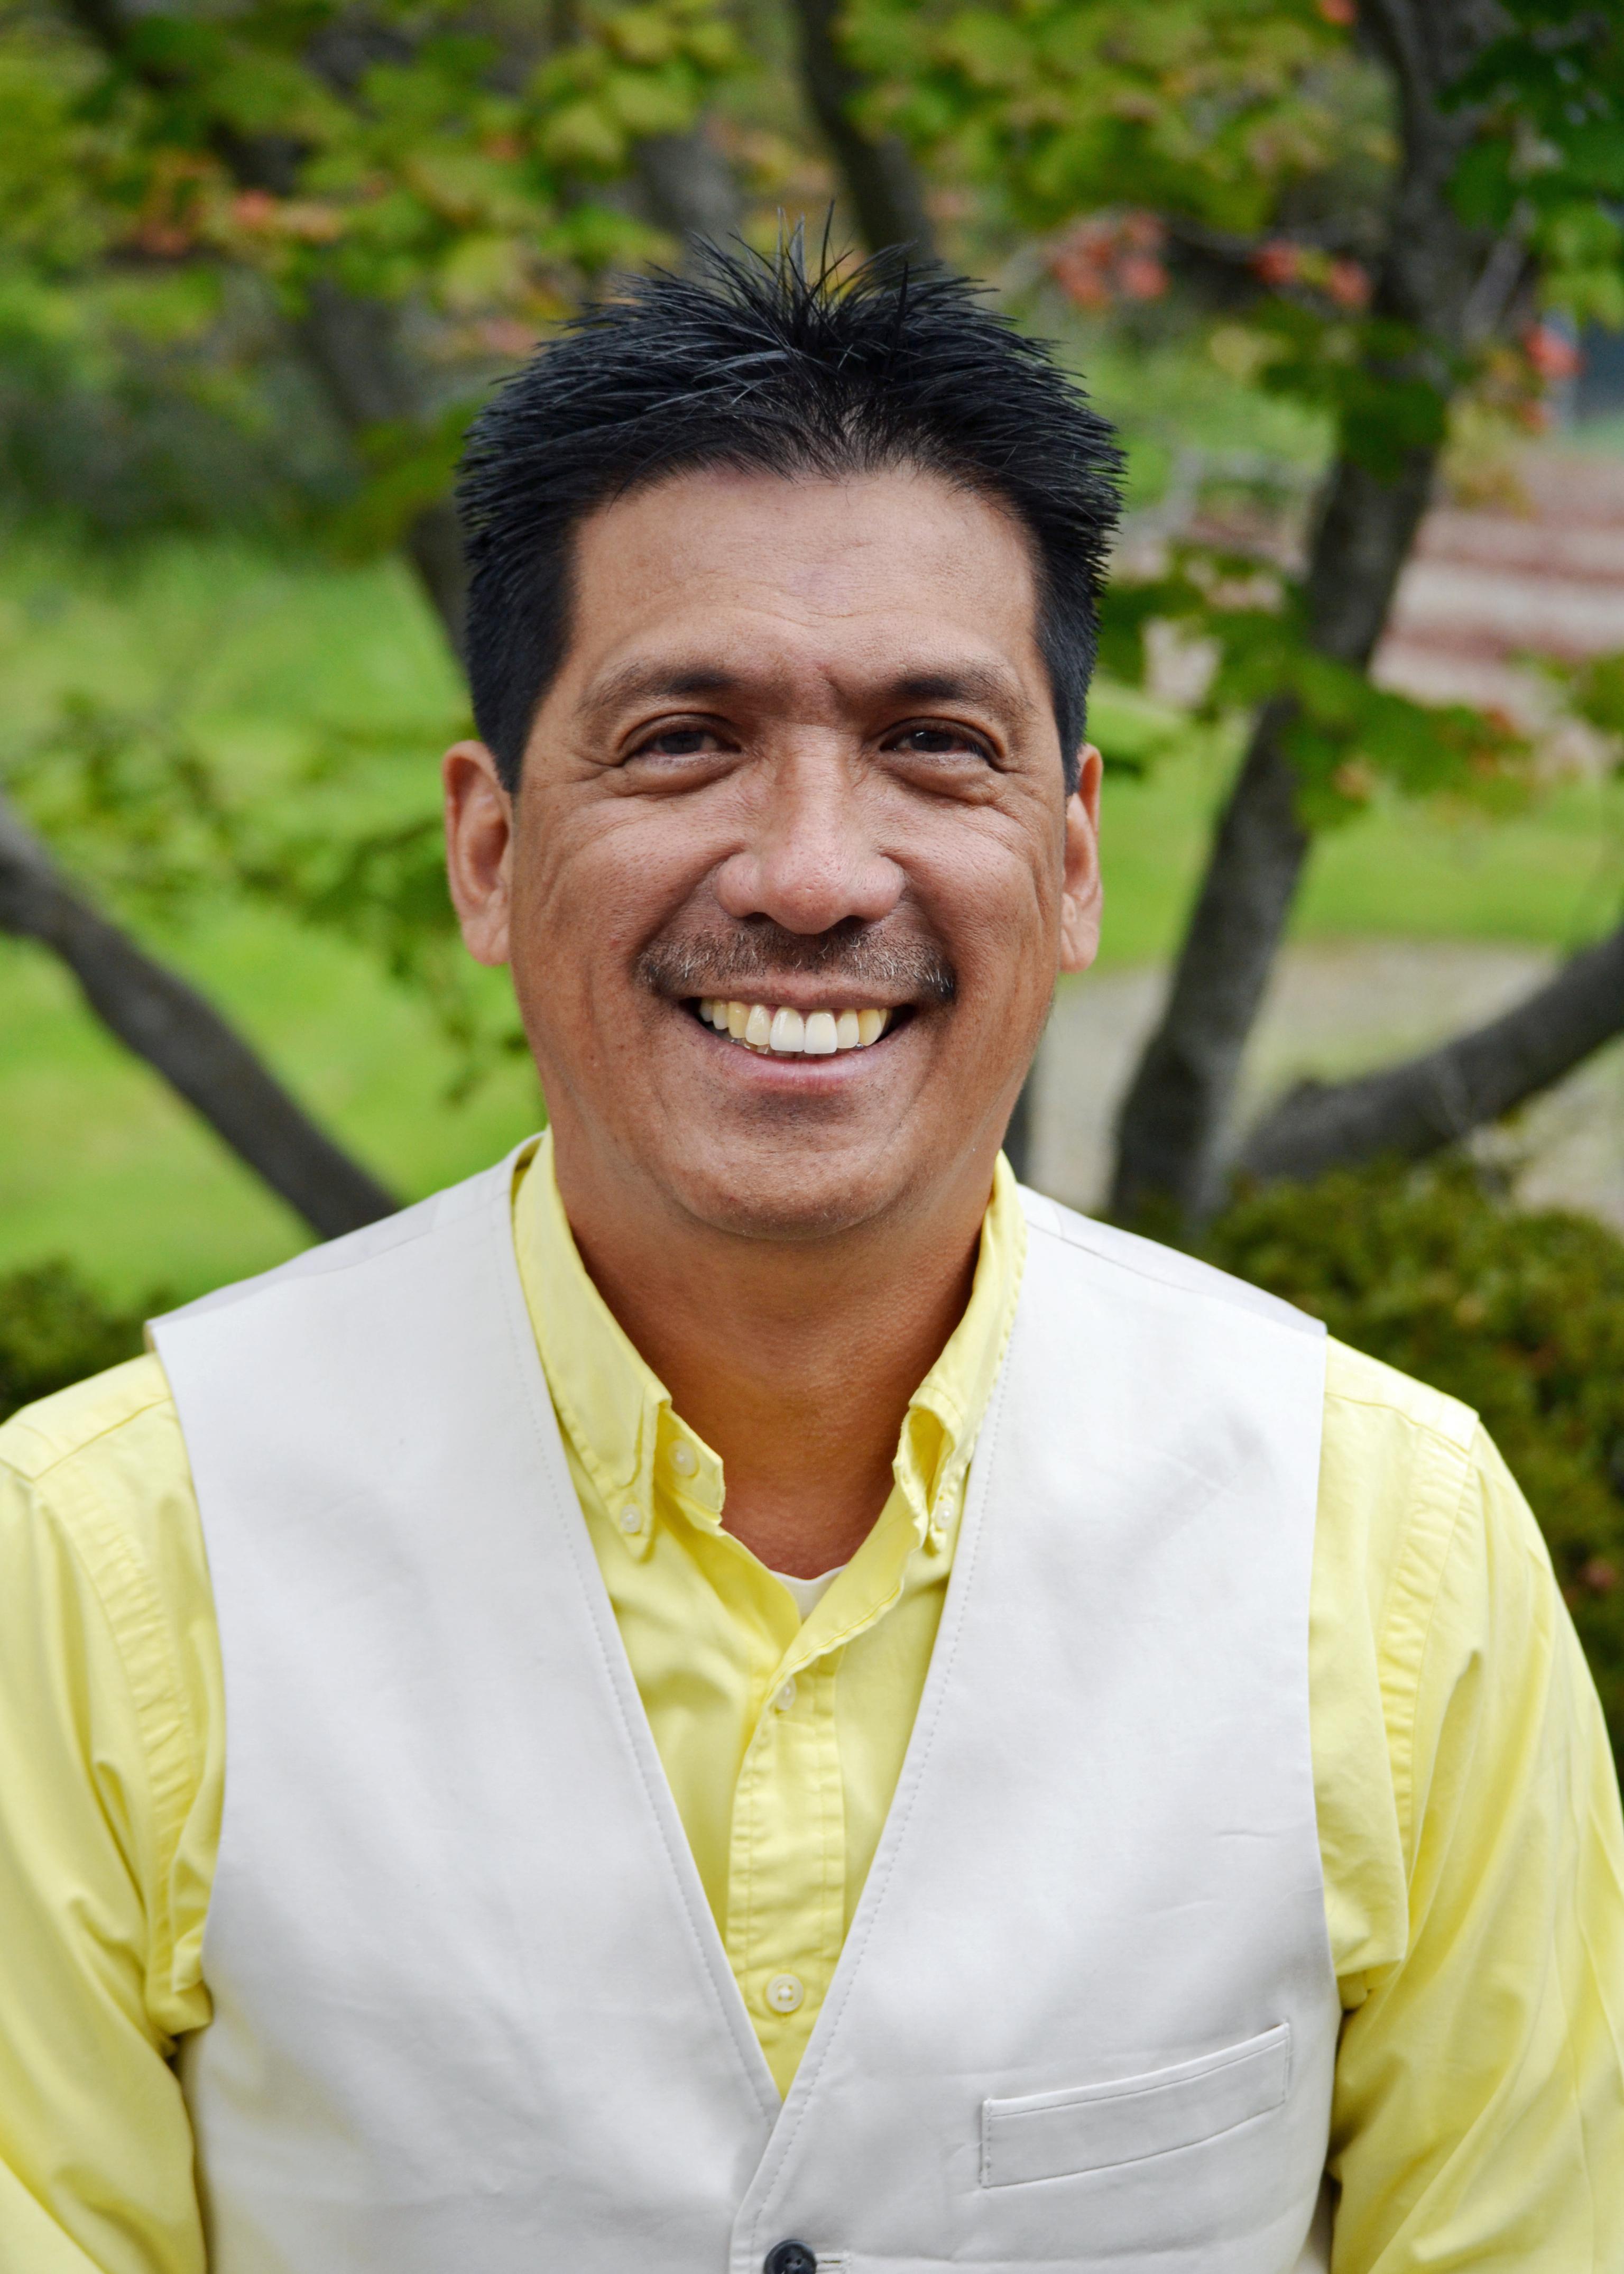 Rene Ordonez